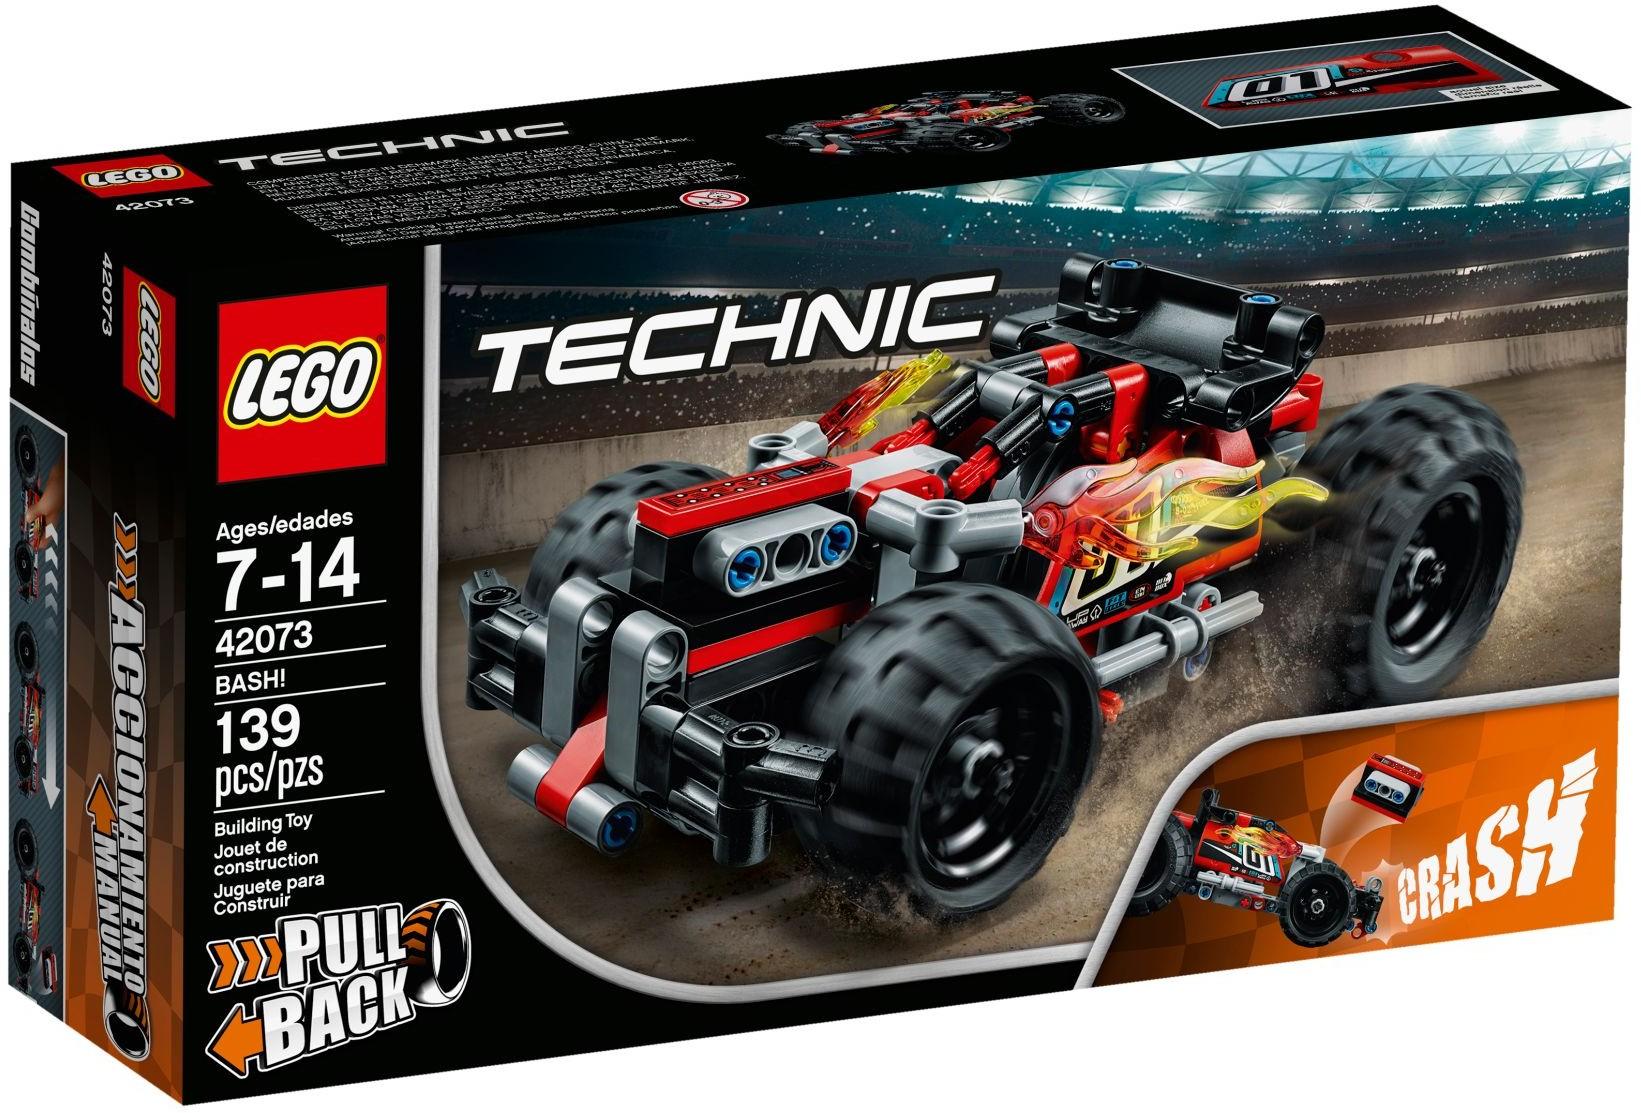 【滿天星辰】樂高玩具禮物機械組Technic高速賽車火力猛攻42073積木LEGO